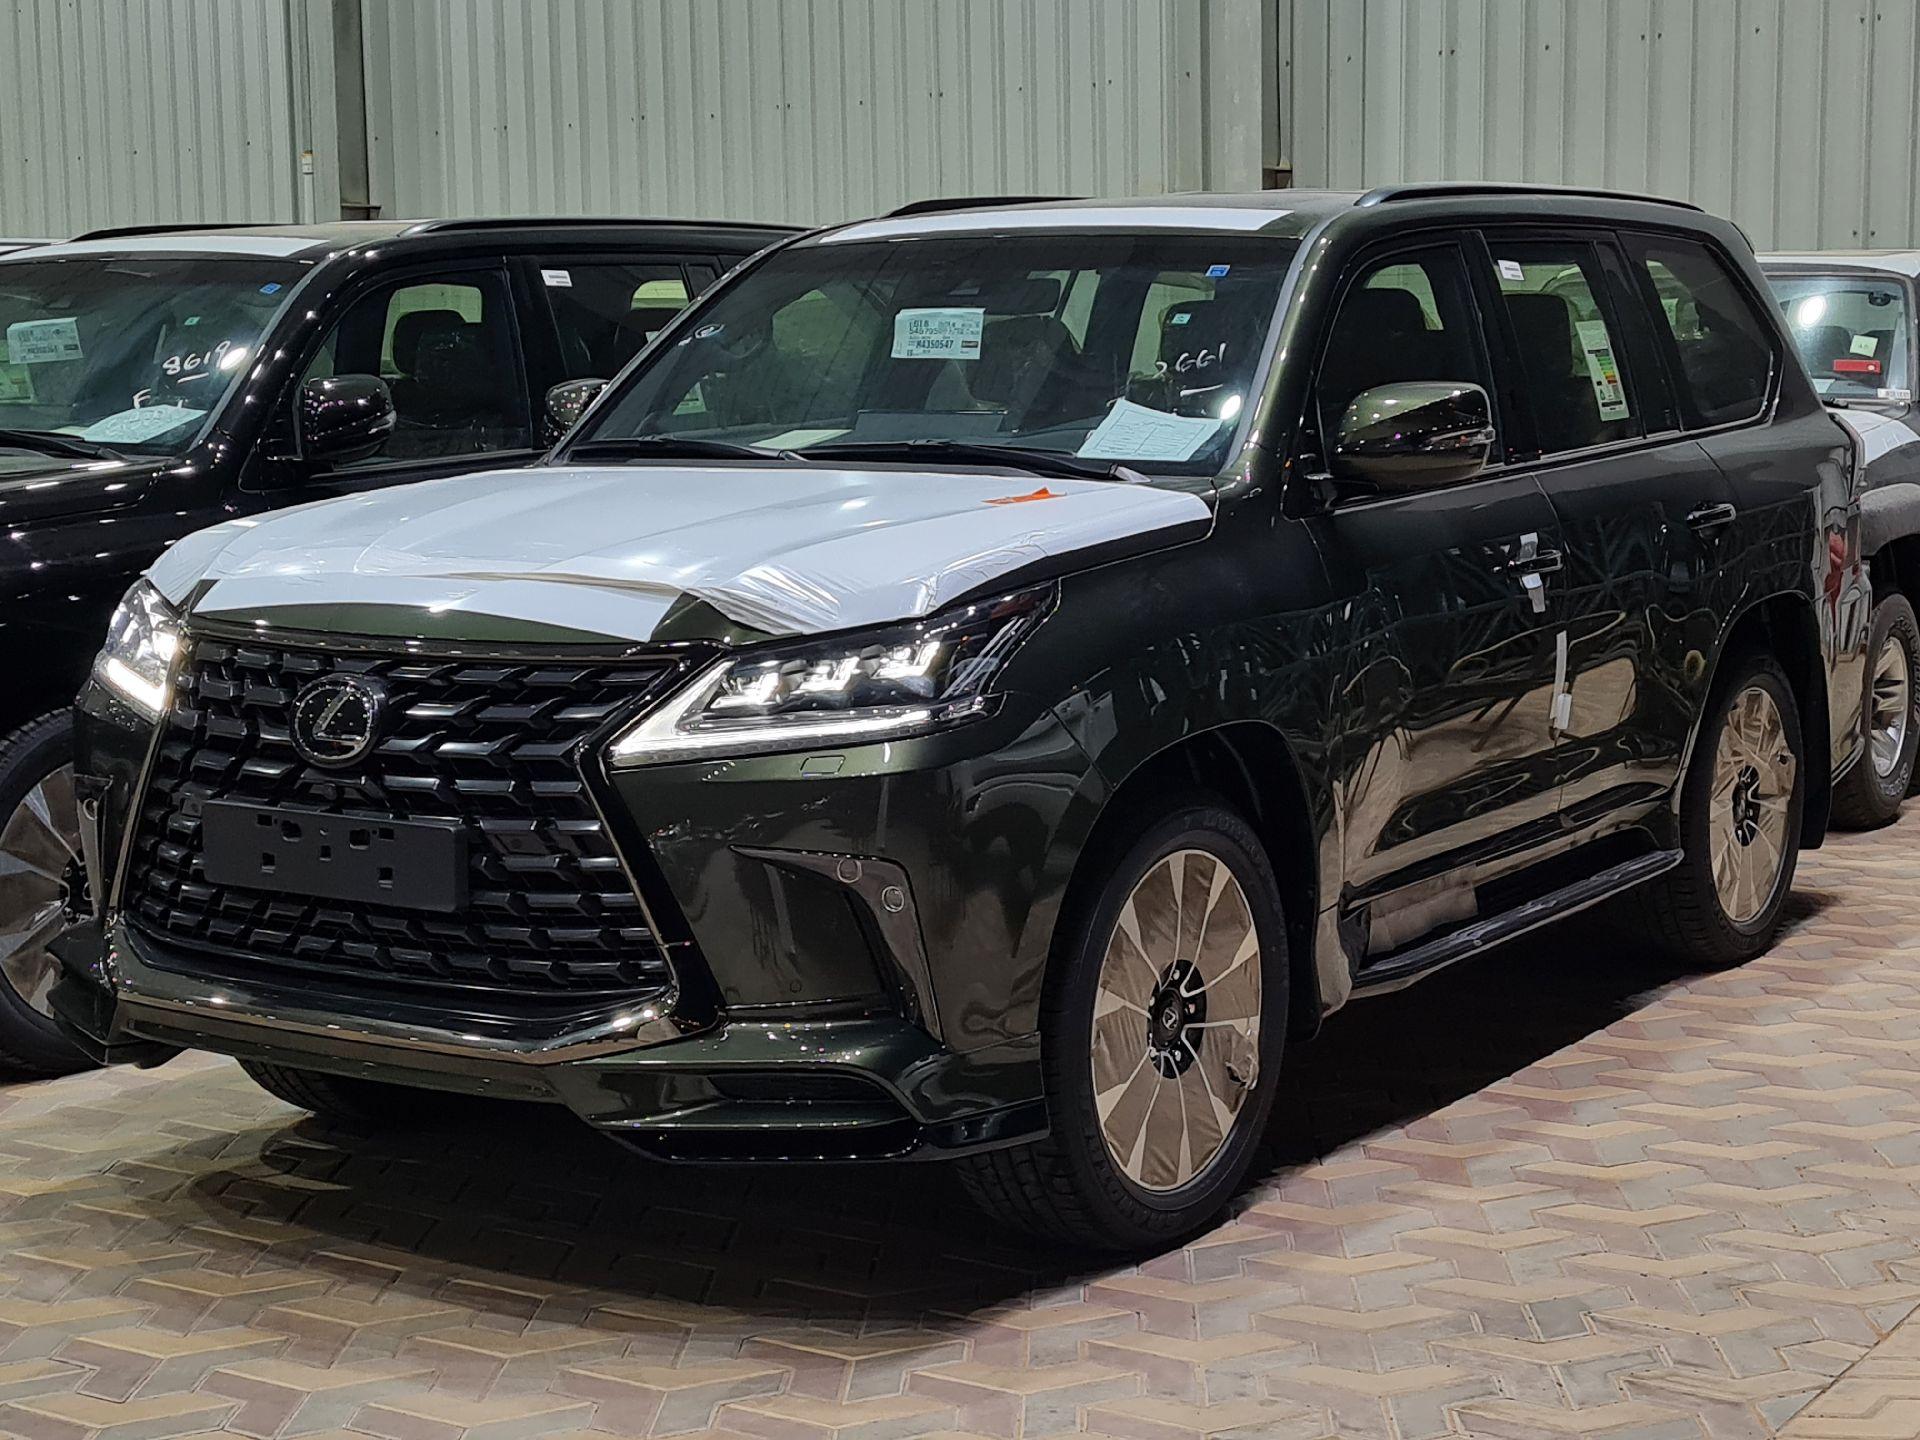 لكزس LX 570 Black Ed. 2021 فل سعودي للبيع في الرياض - السعودية - صورة كبيرة - 2